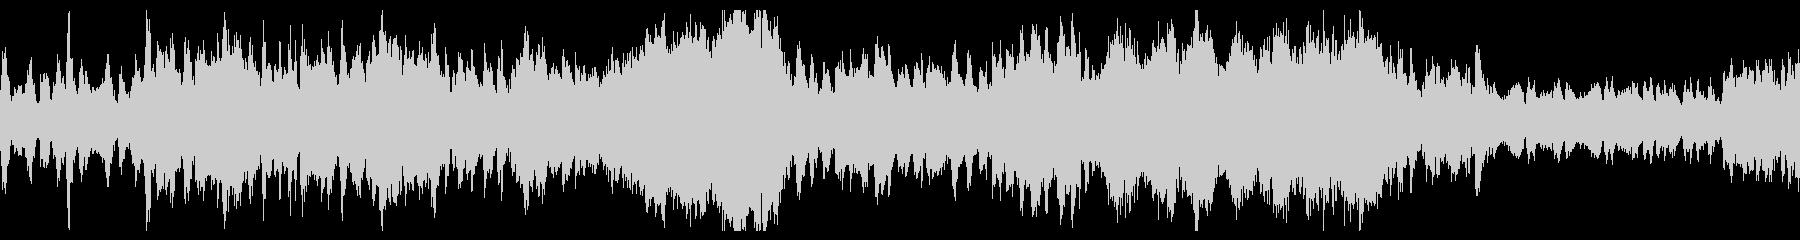 優雅なオーケストラによるワルツの未再生の波形